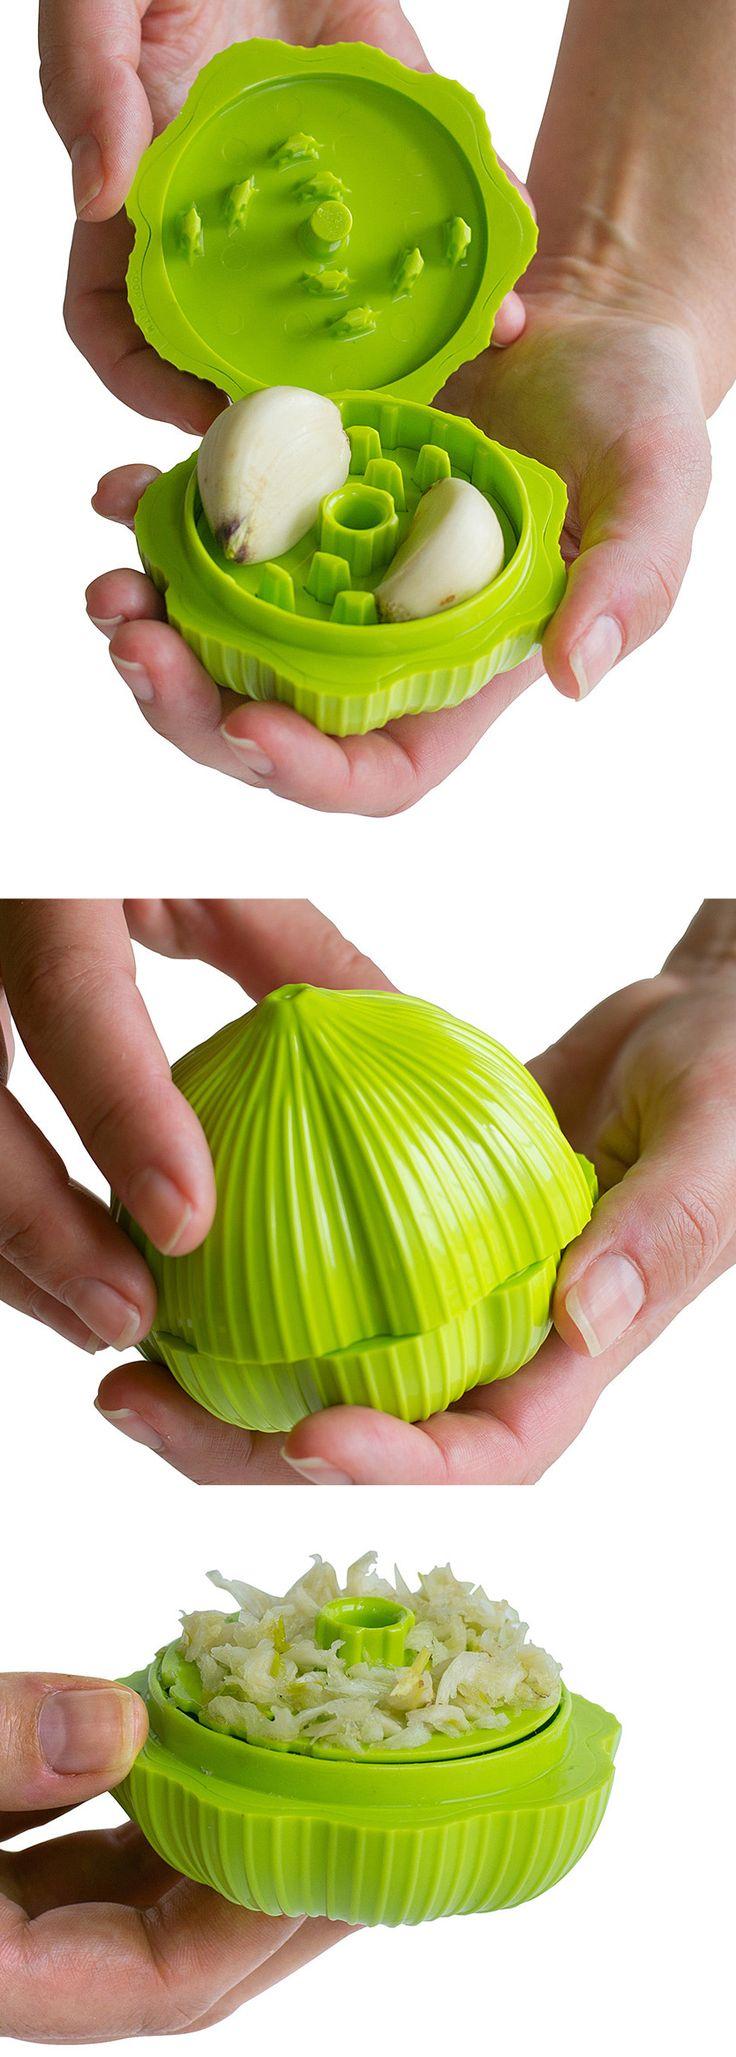 Twist Garlic Chopper - Cuts fresh garlic quickly and easily